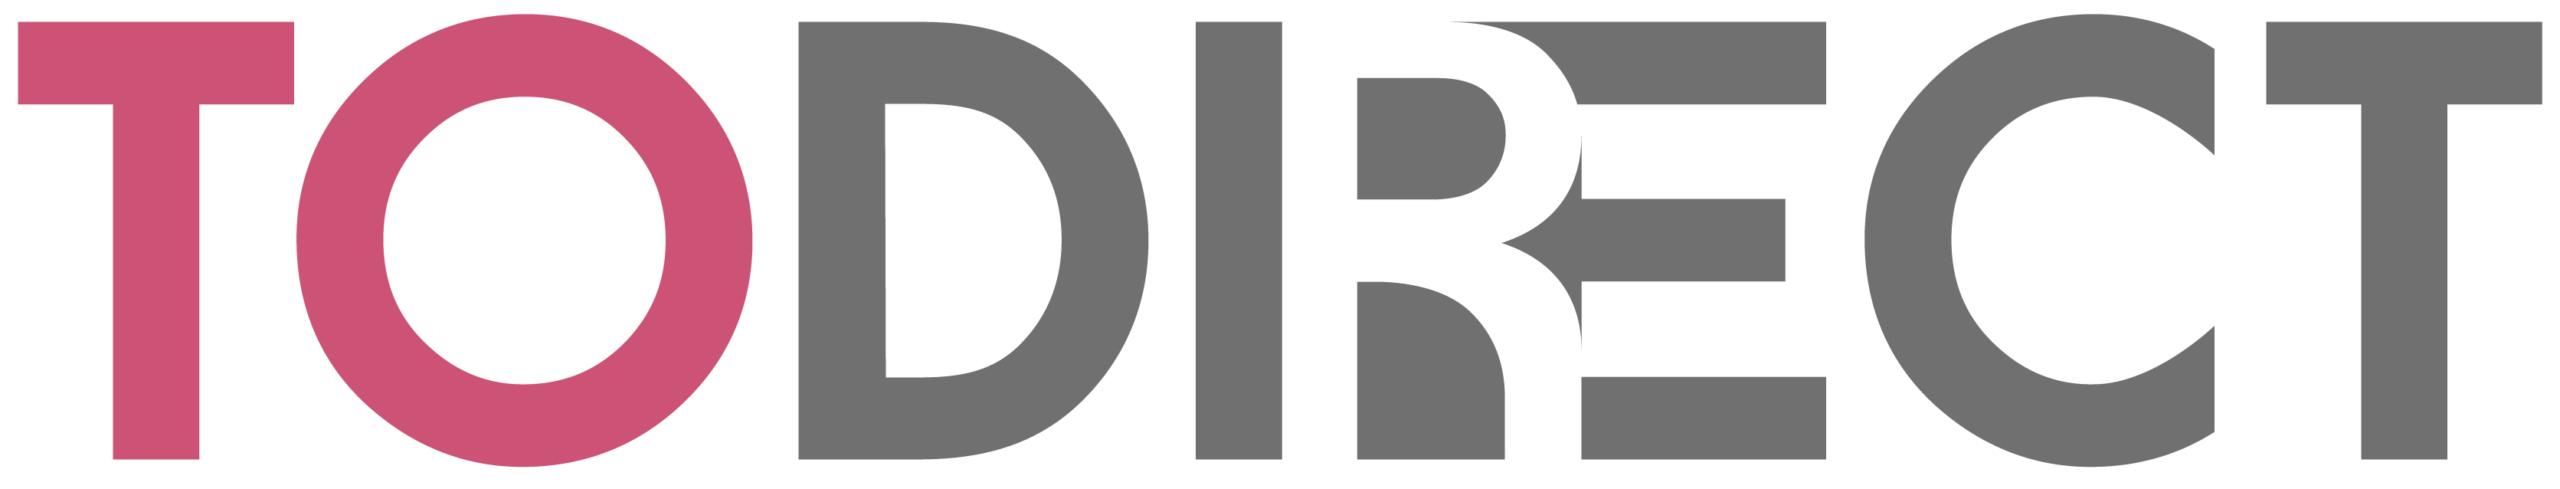 経営コンサルタントとロゴタイプ(文字のみのデザイン)とピンクのロゴ